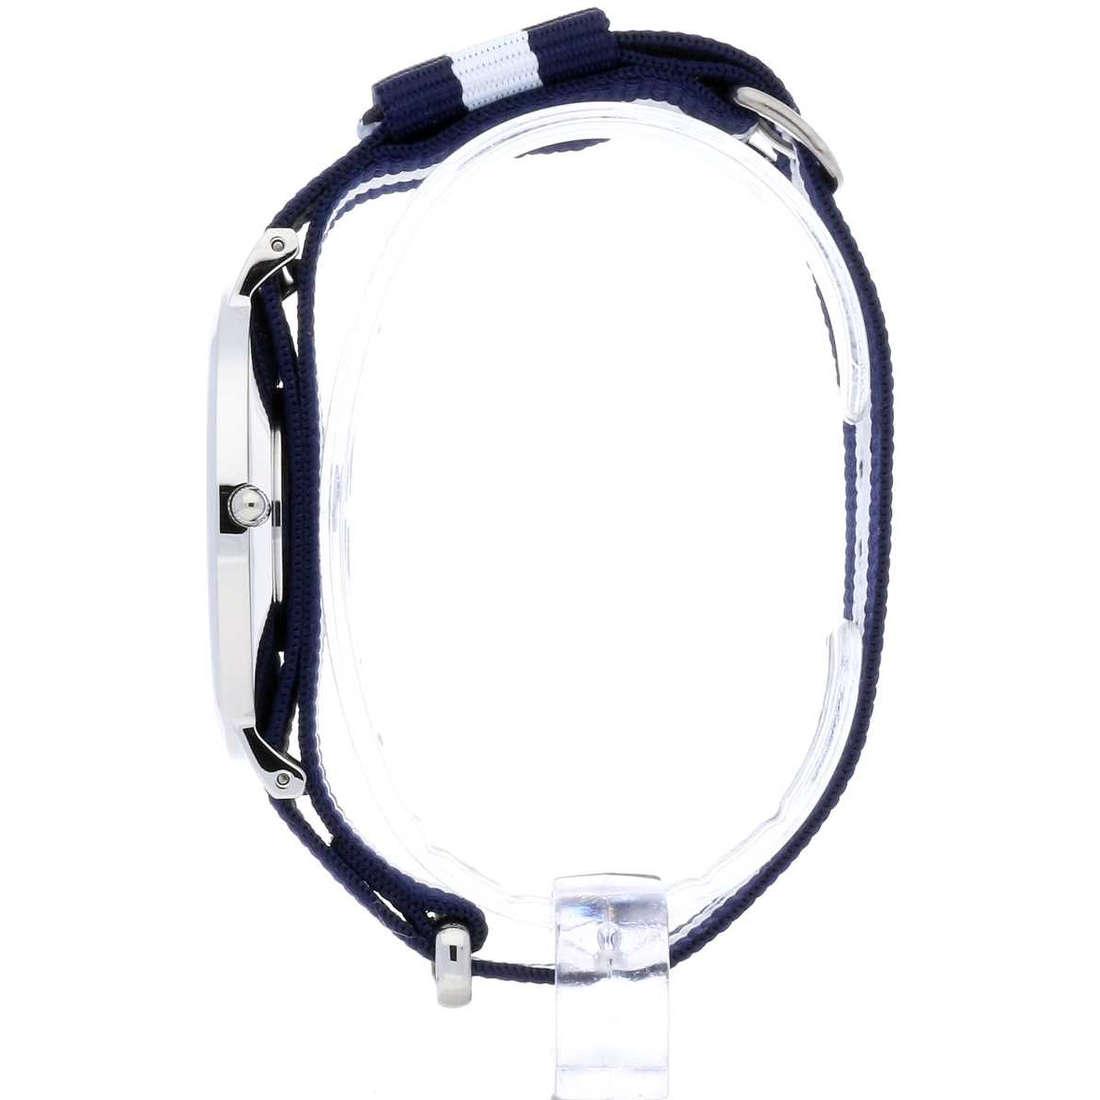 prix montres unisex Daniel Wellington DW00100018